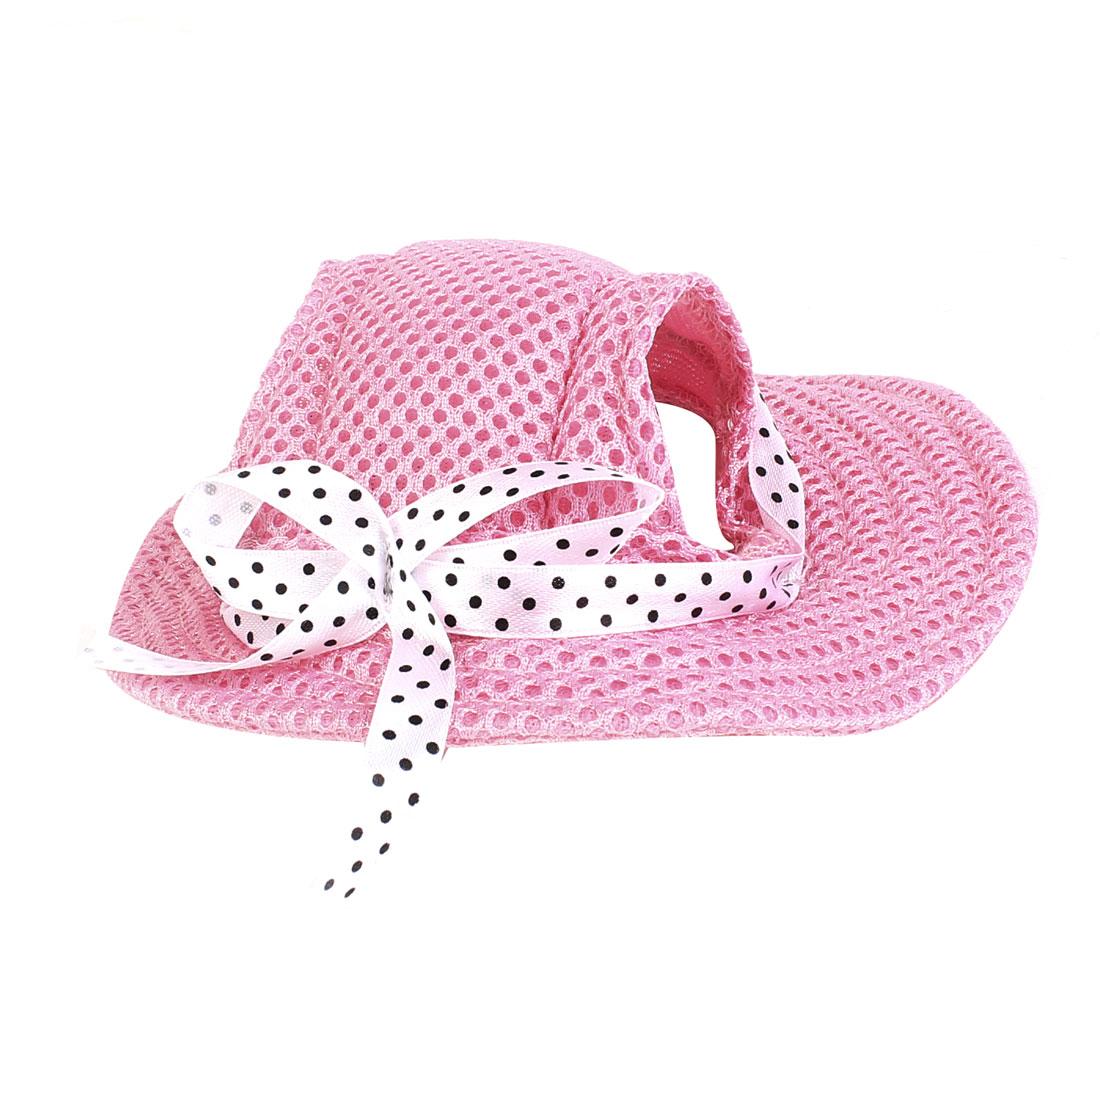 Pet Dog Doggy Bowtie Detail Round BrimFedora Cap Visor Hat Pink Size S